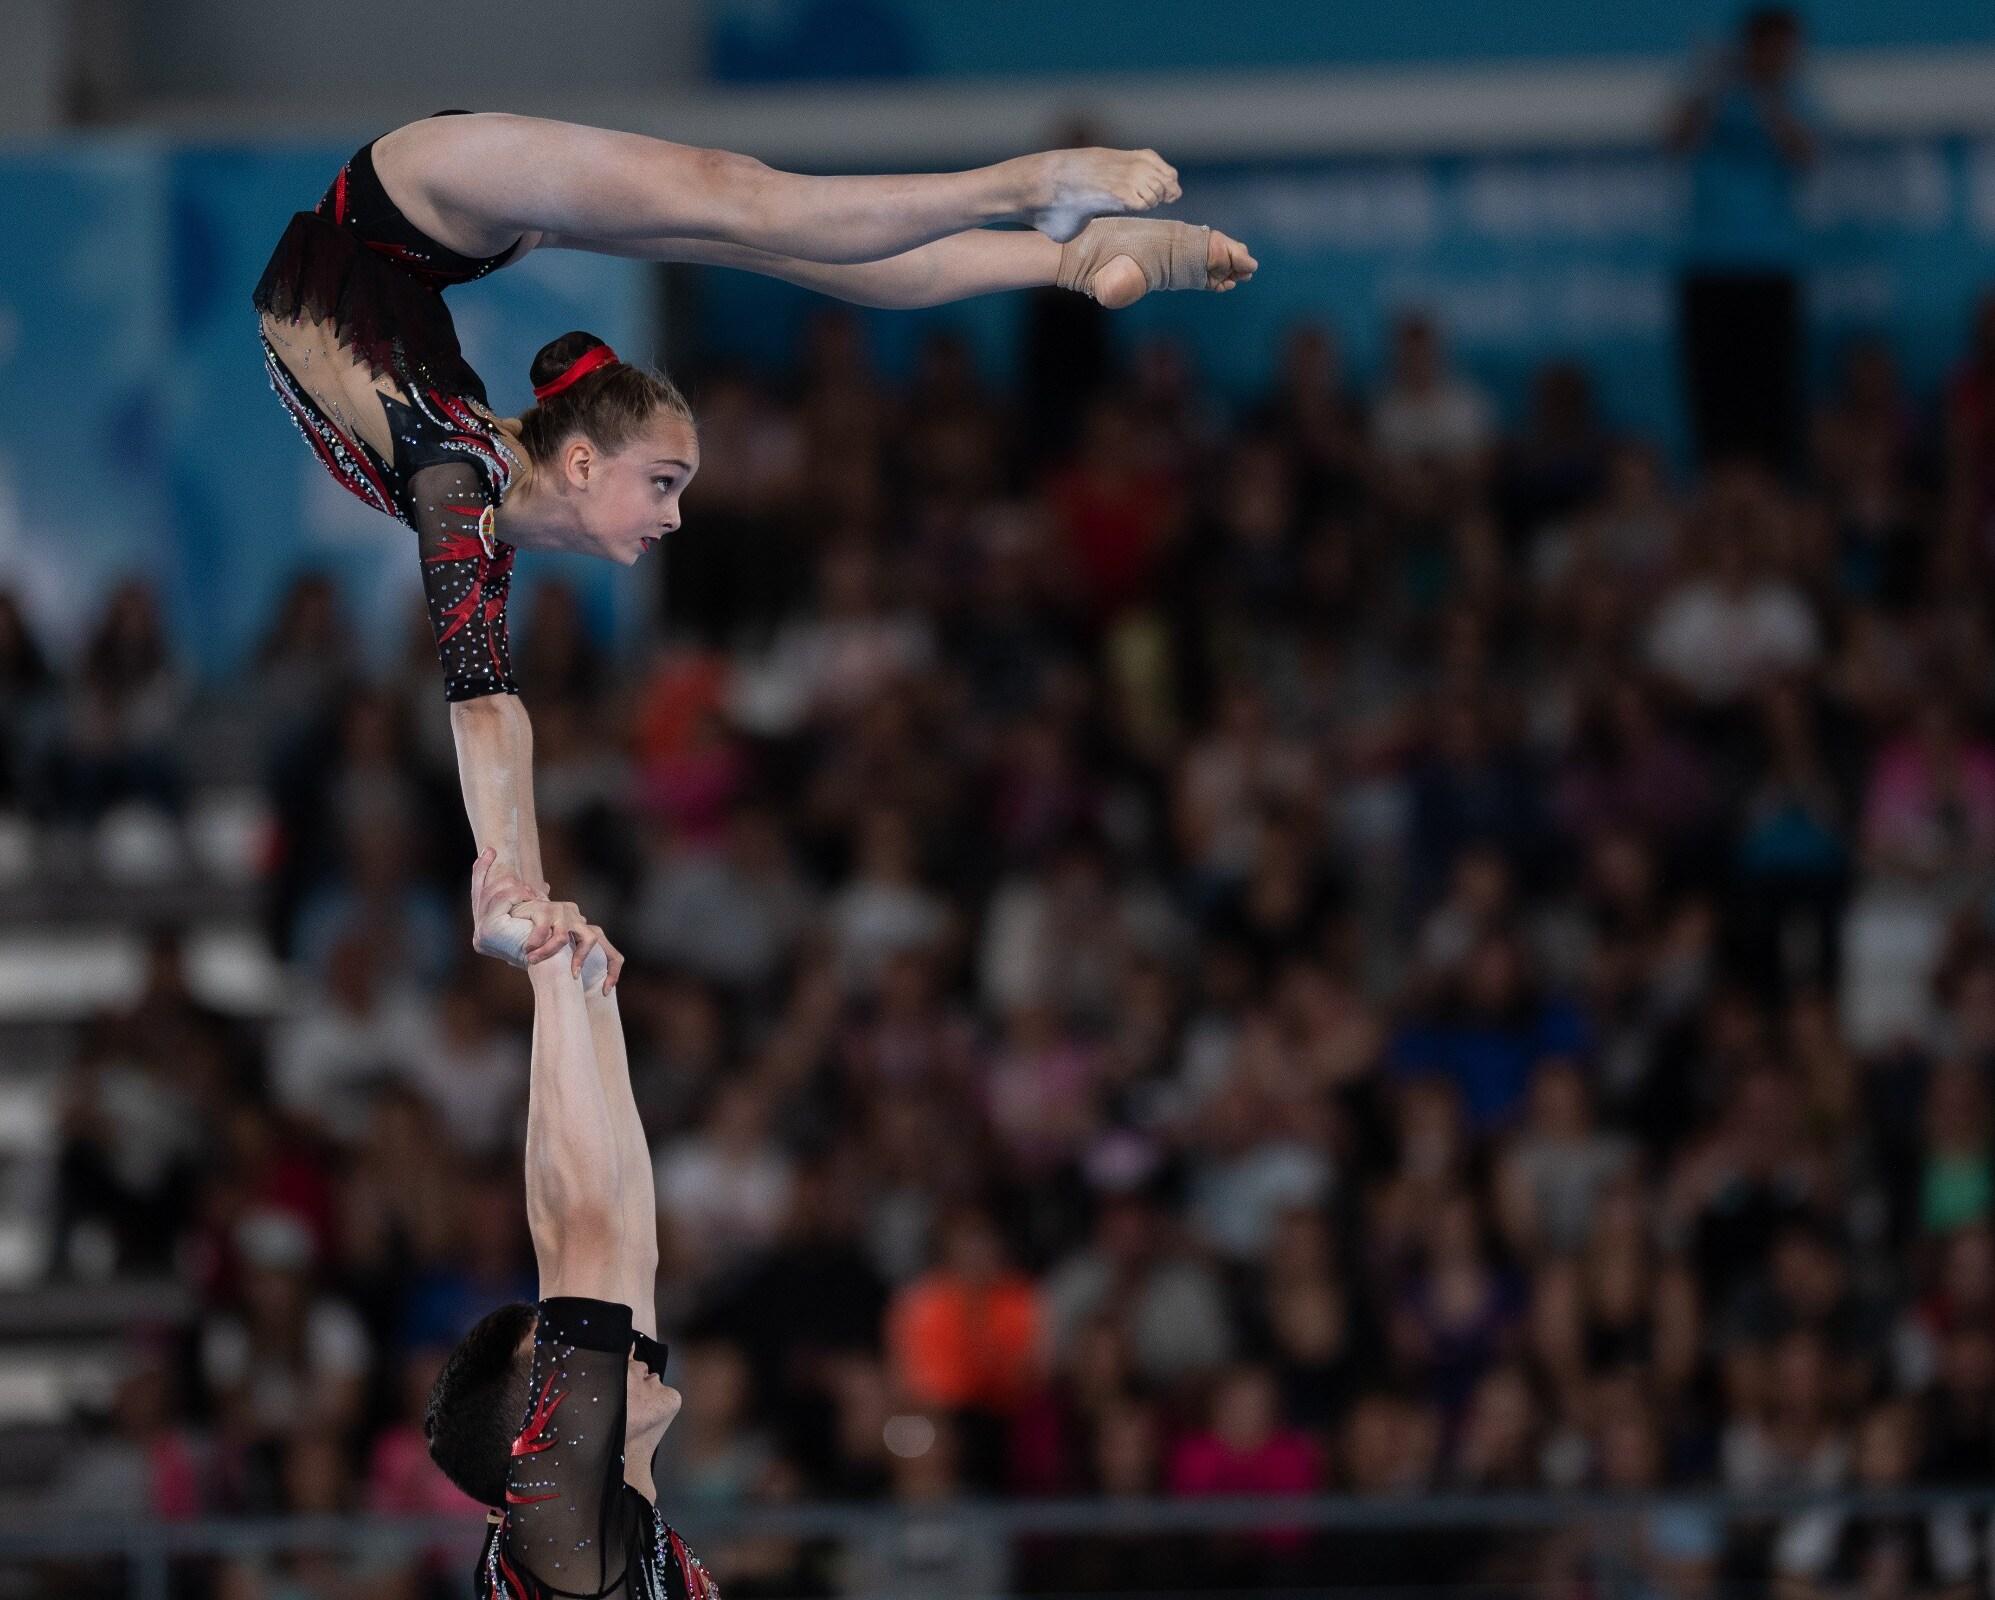 Buenos Aires 2018 - Gymnastique acrobatique - Couple mixte